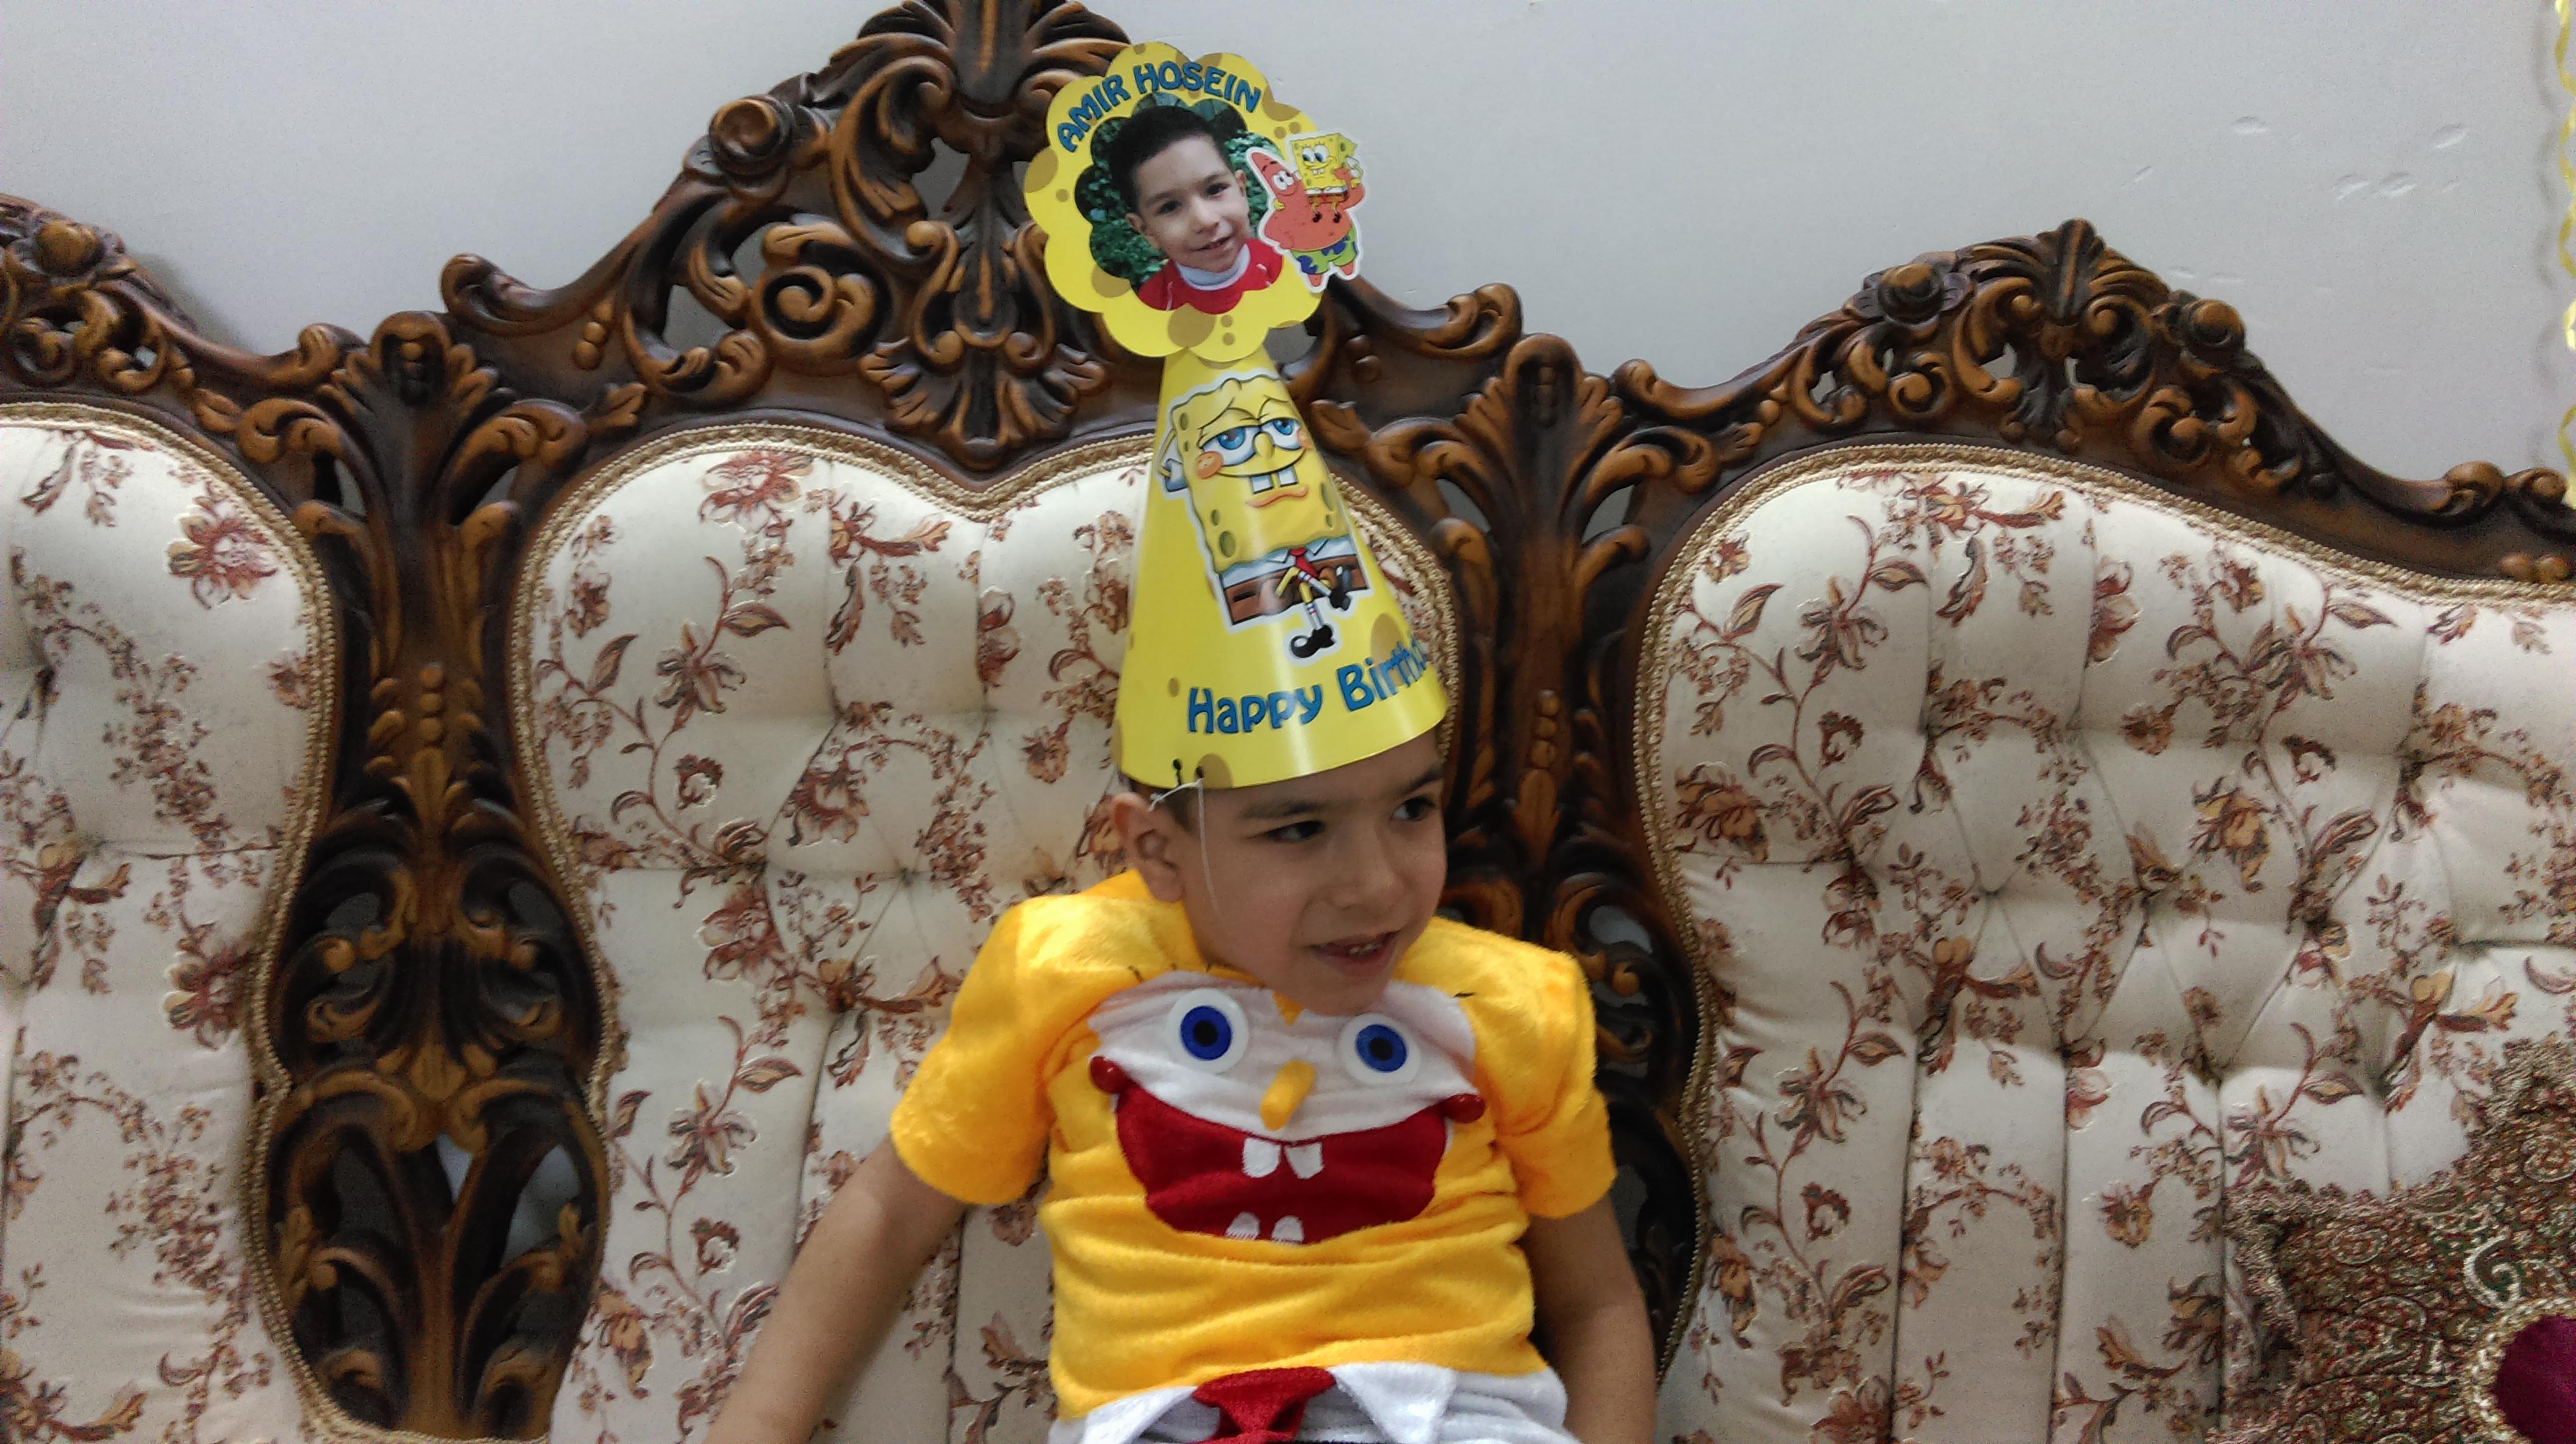 تولد 5 سالگی امیرحسین جان با تم باب اسفنجی